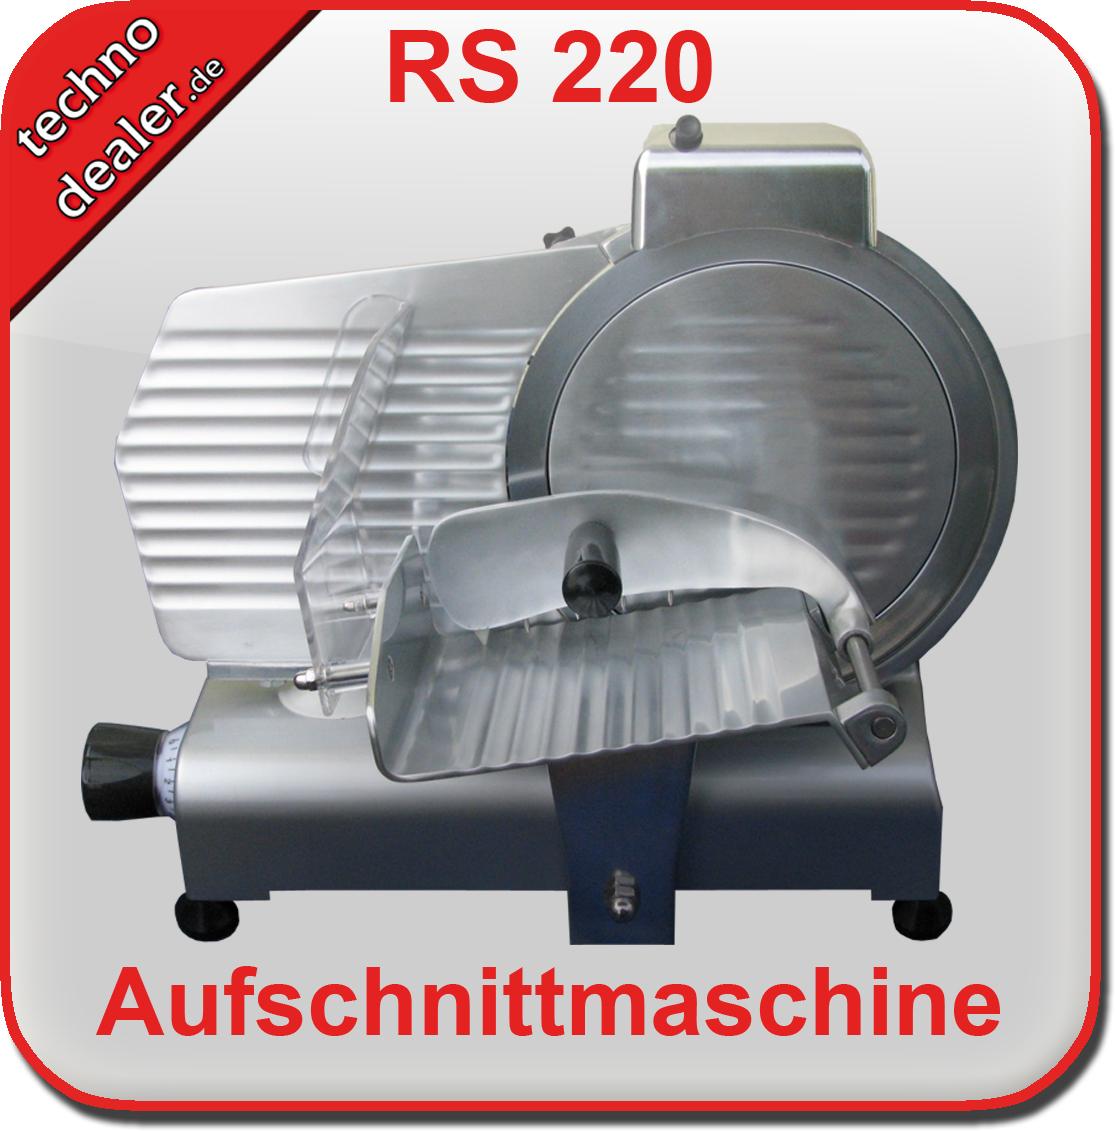 Aufschnittmaschine RS 220